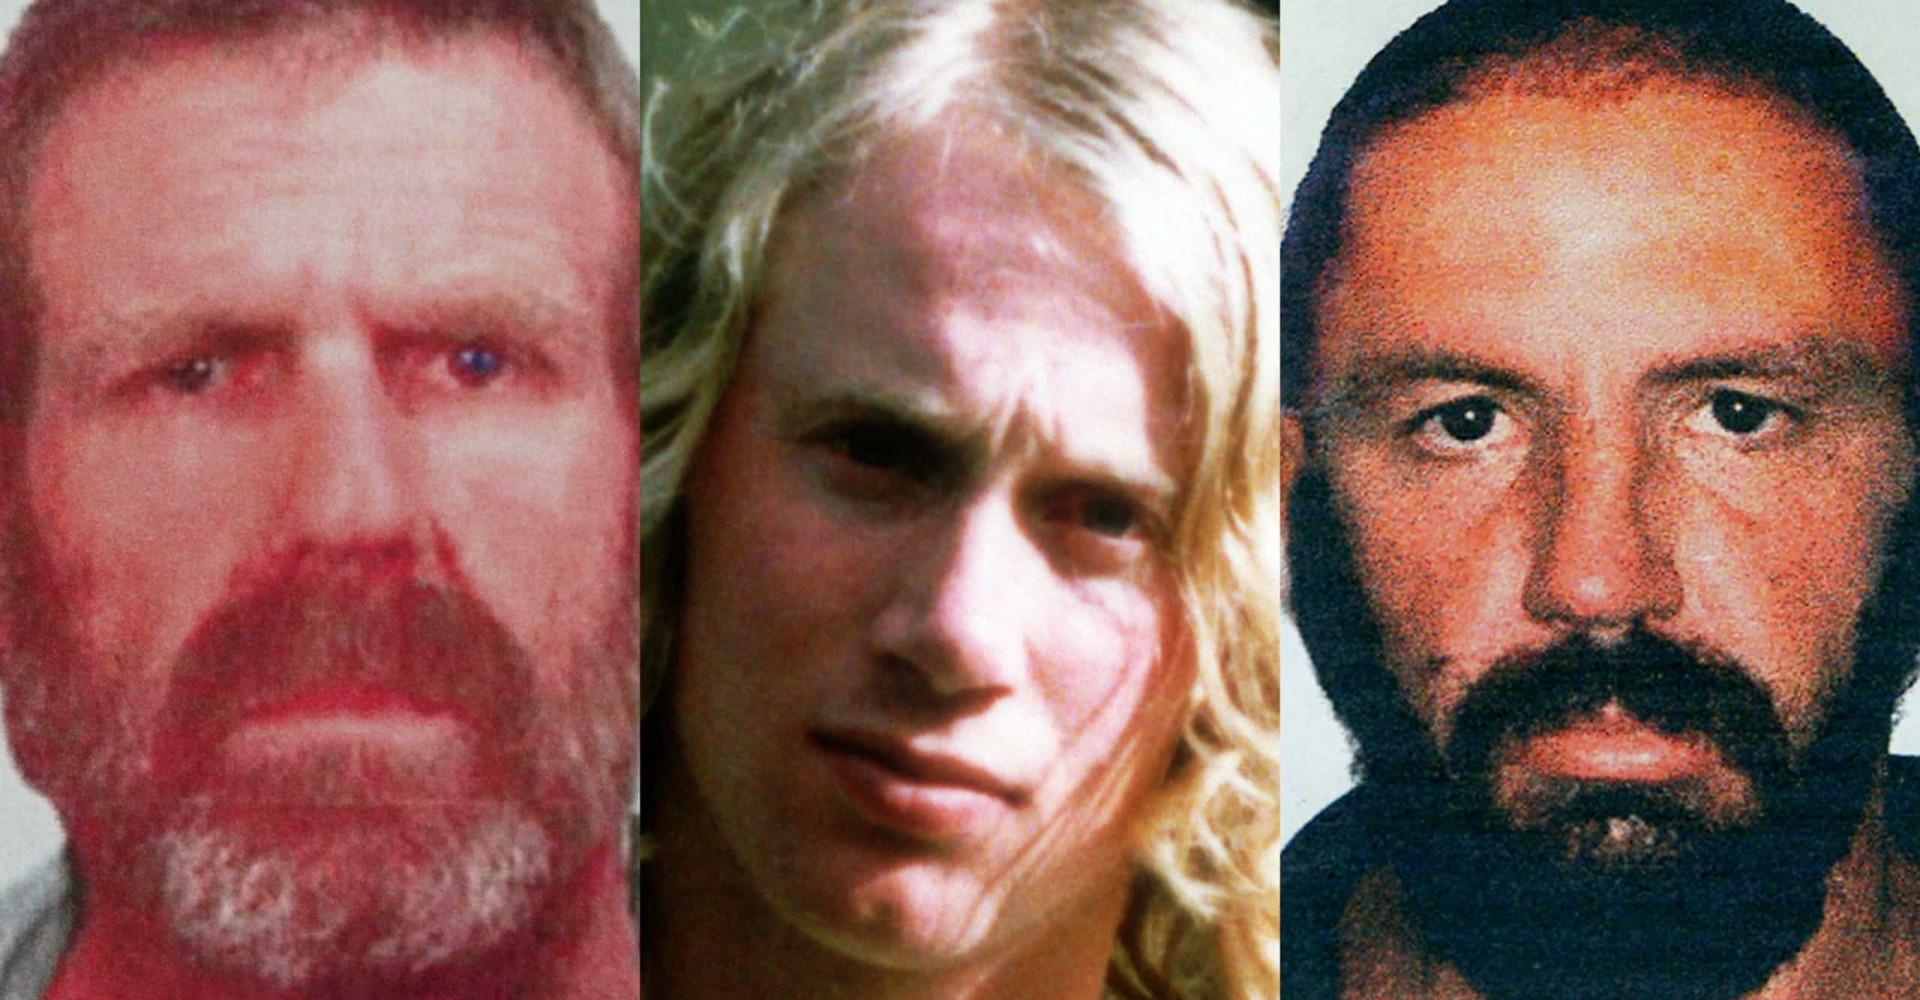 Australia's most infamous criminal cases